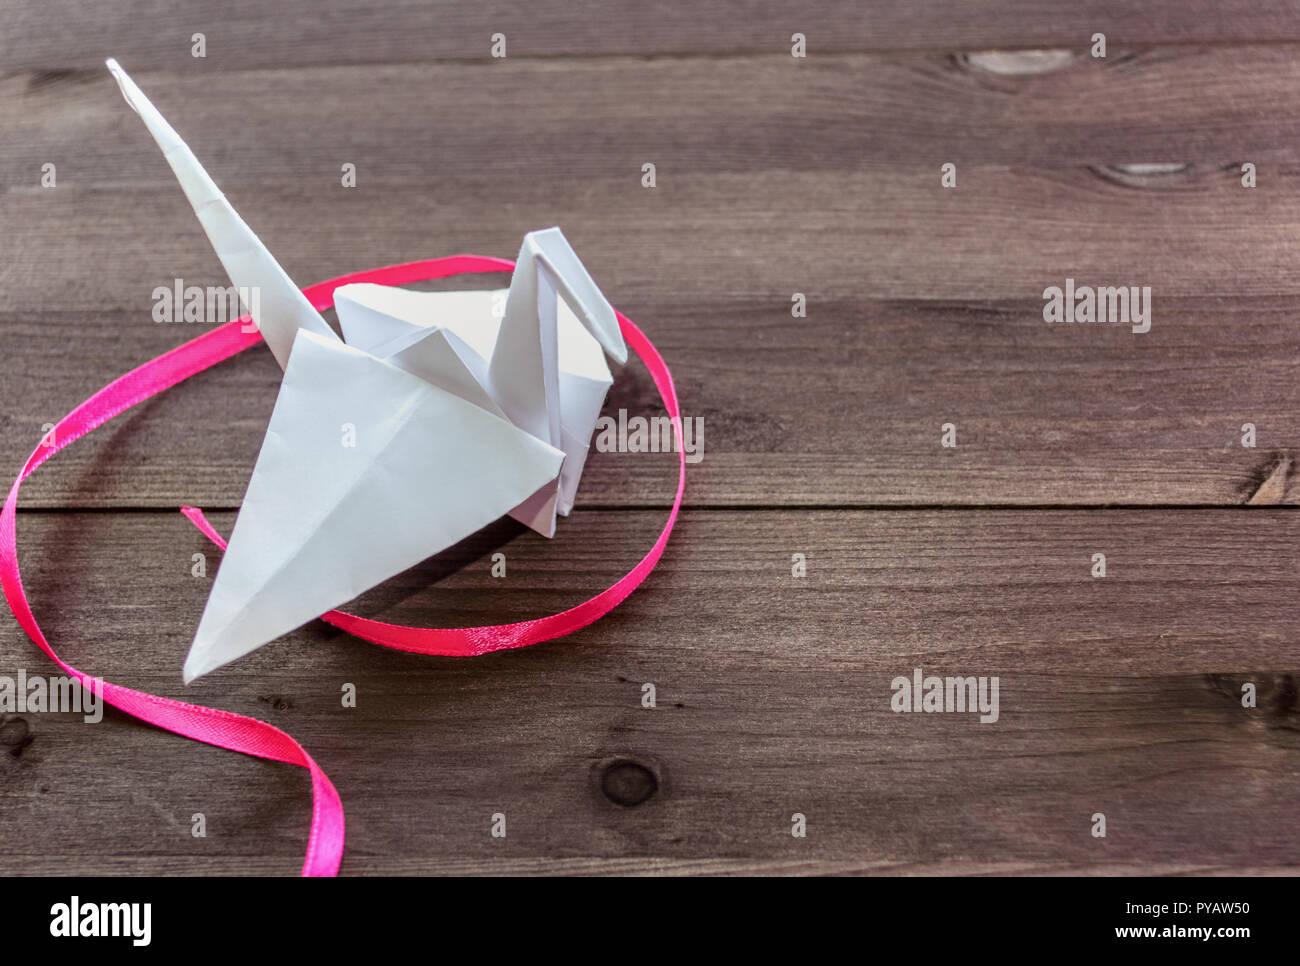 White paper Crane von Pink Ribbon Kurven auf dunklem Hintergrund umgeben Stockbild